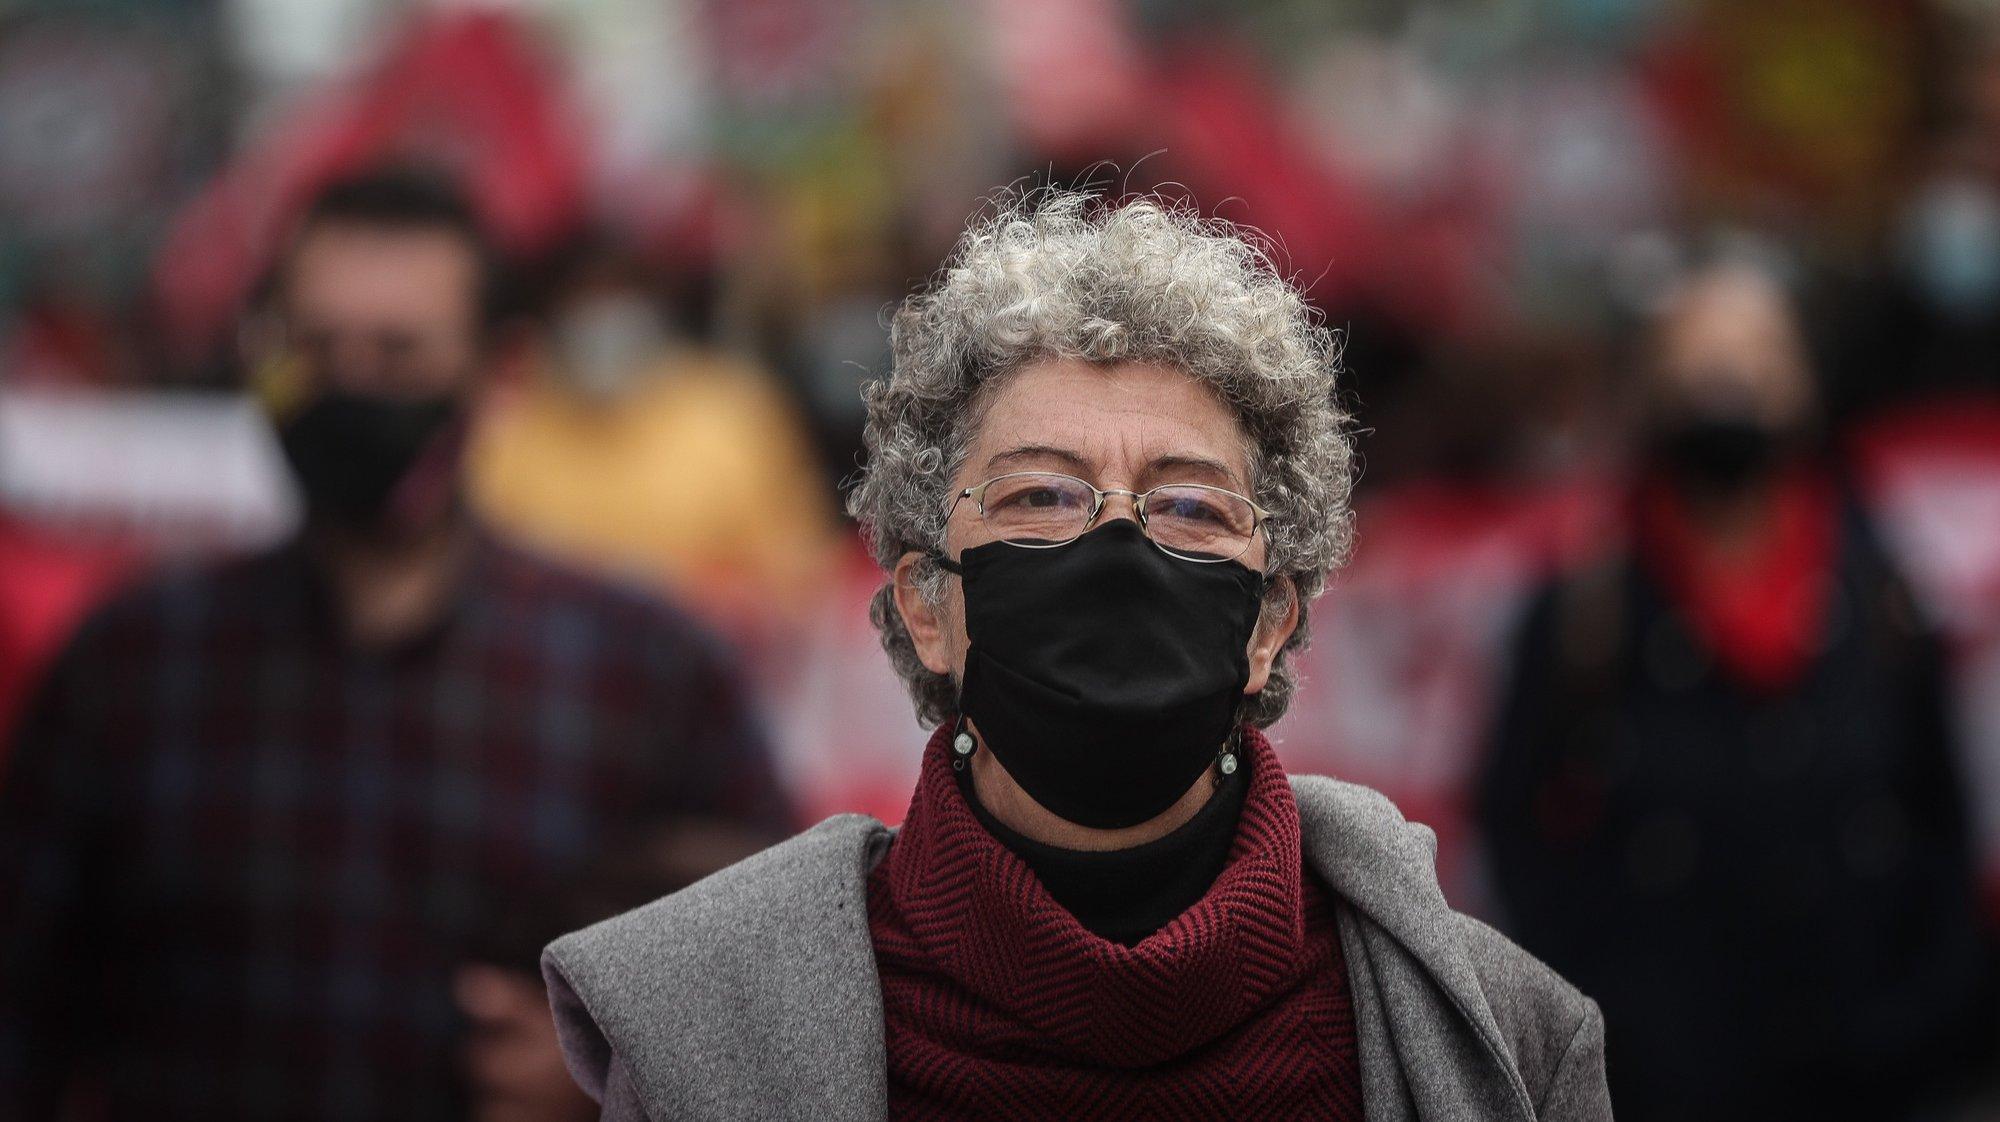 """A secretária-geral da CGTP-IN, Isabel Camarinha, participa na manifestação sob o lema """"Com Confiança, Determinação e Luta - Por um Portugal com Futuro! Salários, Emprego e Direitos"""", em Lisboa, 25 de fevereiro de 2021. MÁRIO CRUZ/LUSA"""